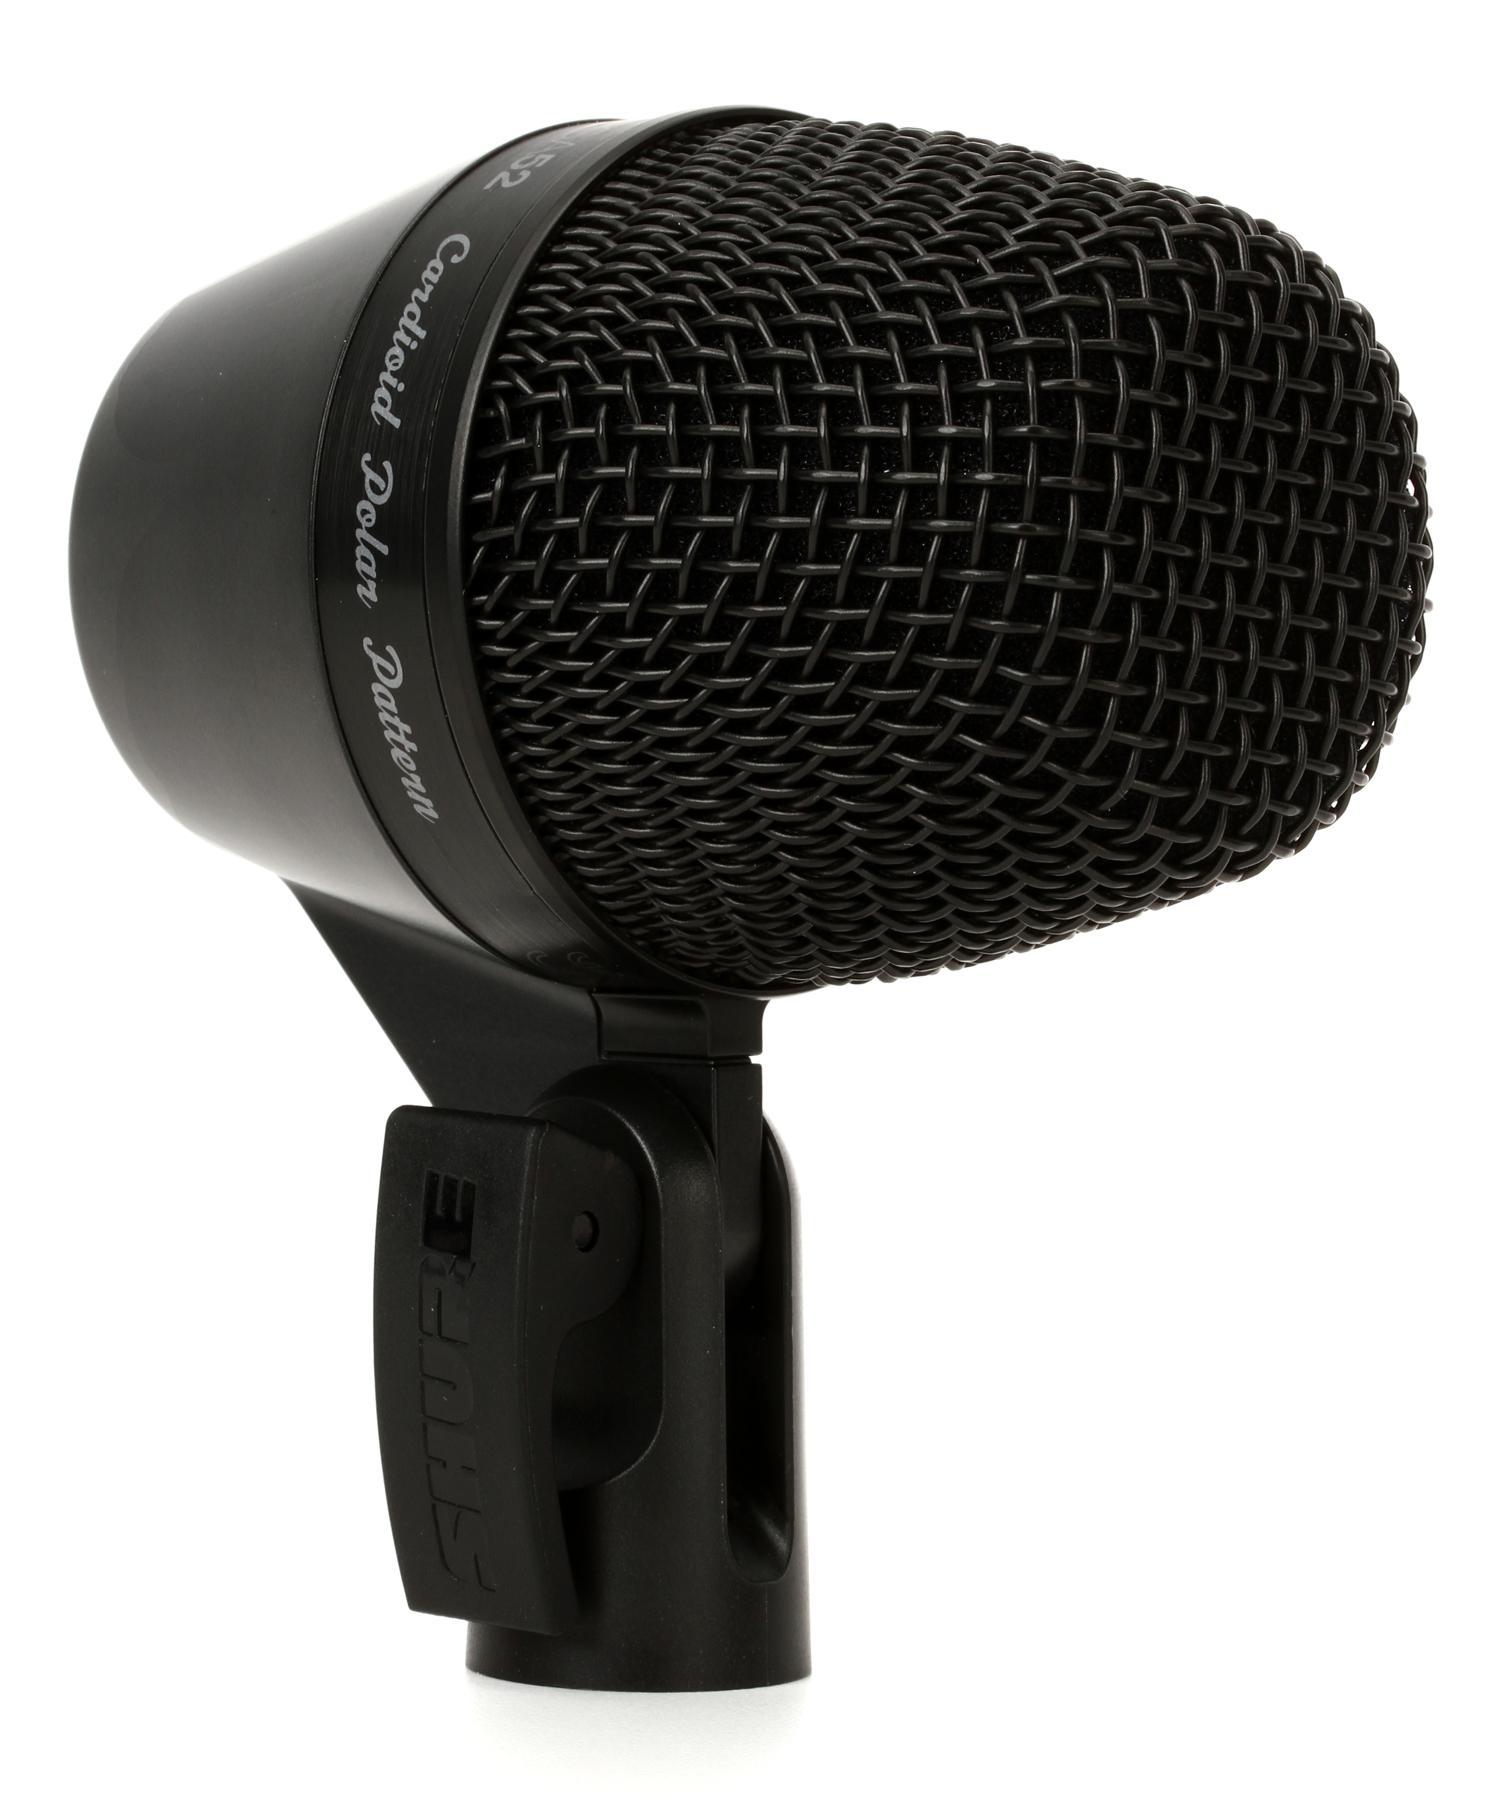 4. Shure PGA52-XLR Cardioid Kick-Drum Microphone